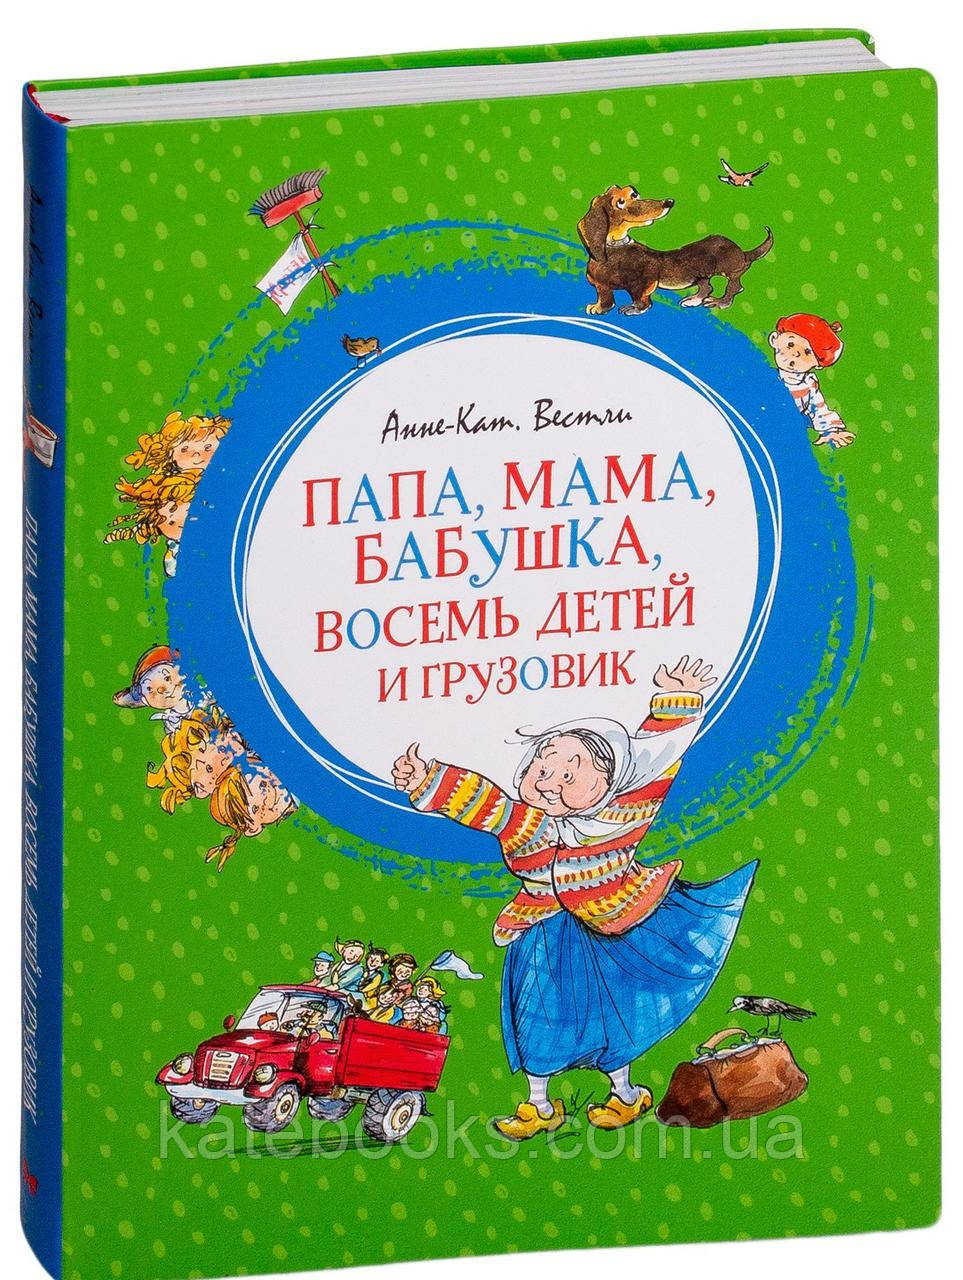 Папа, мама, бабушка, восемь детей и грузовик. Книга Анне-Катрины Вестле